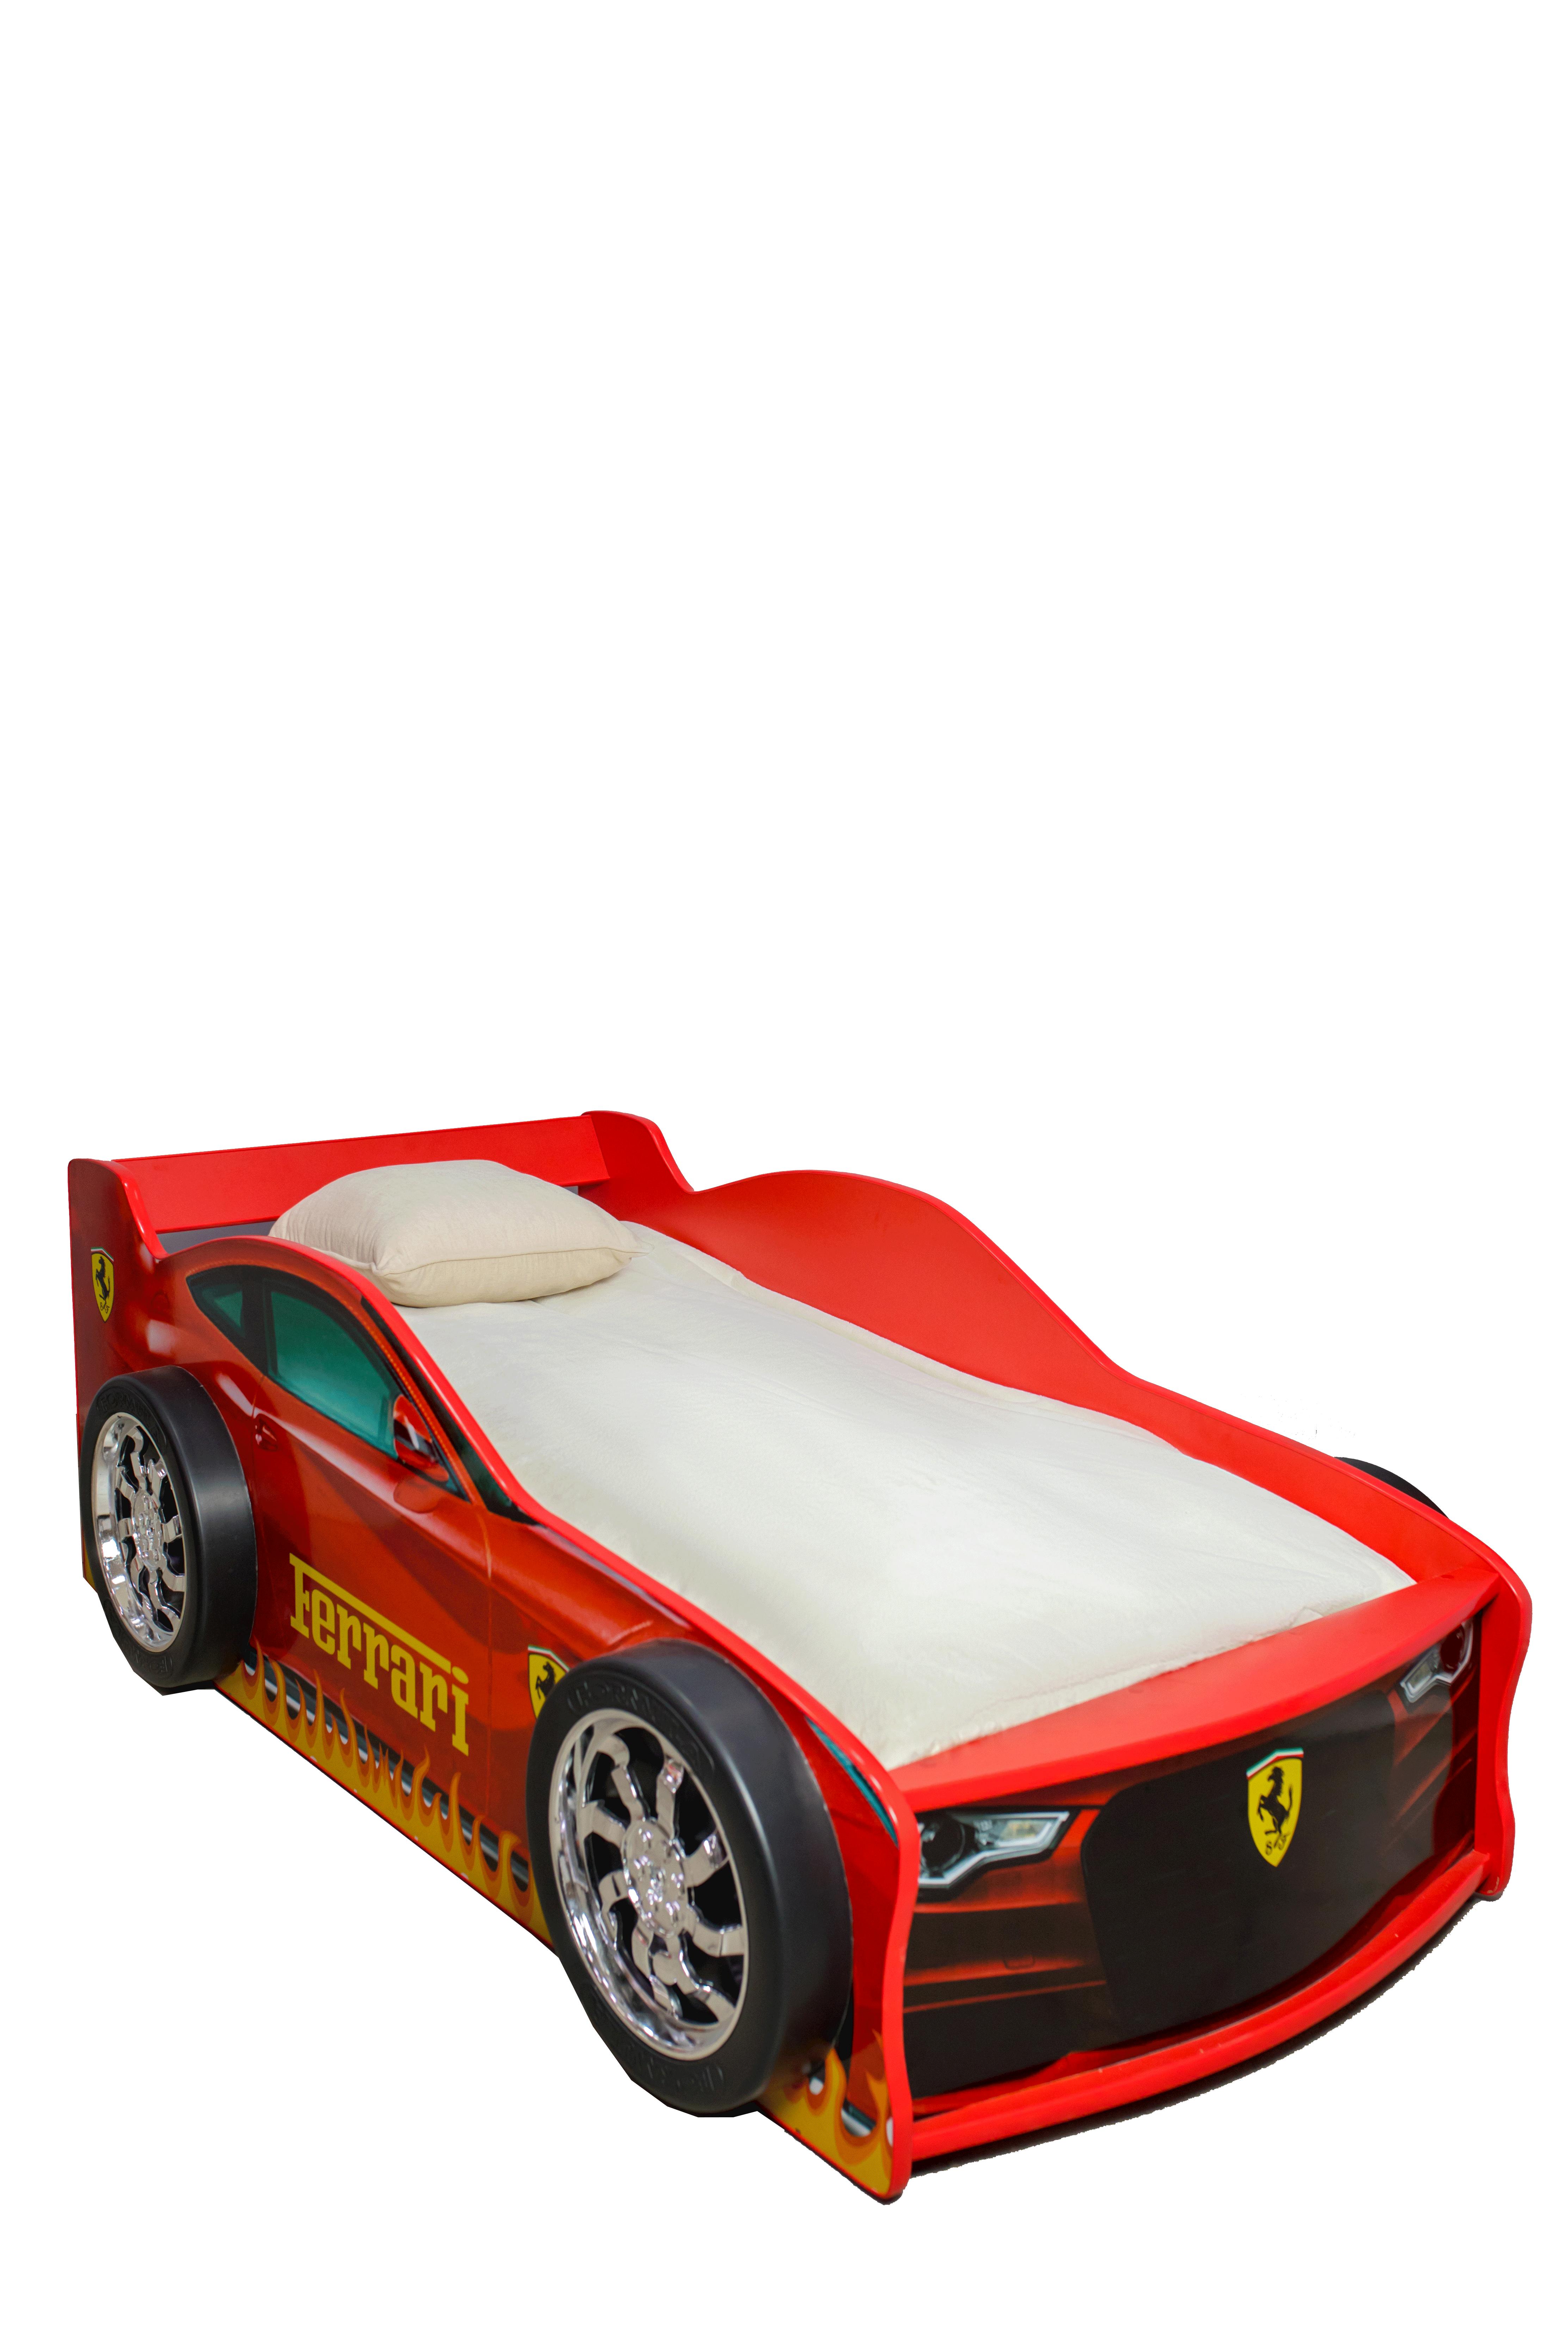 Mələklər -  Ferrari uşaq dəsti  - 4